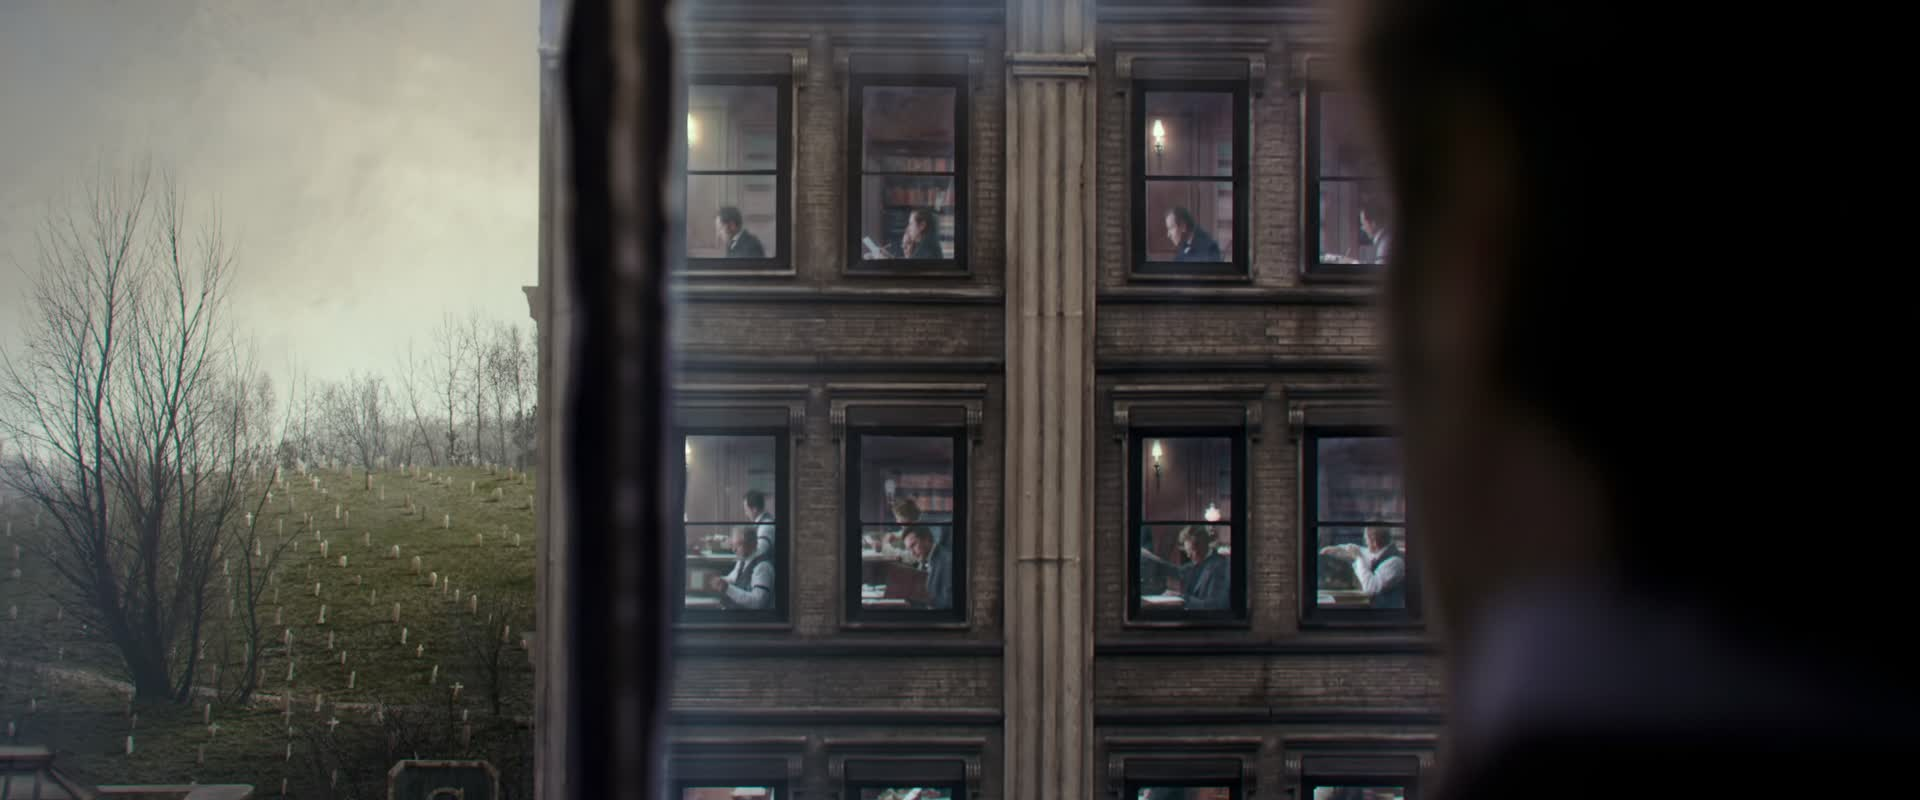 Nejvetsi showman 2017 CZ dabing HD 1080p